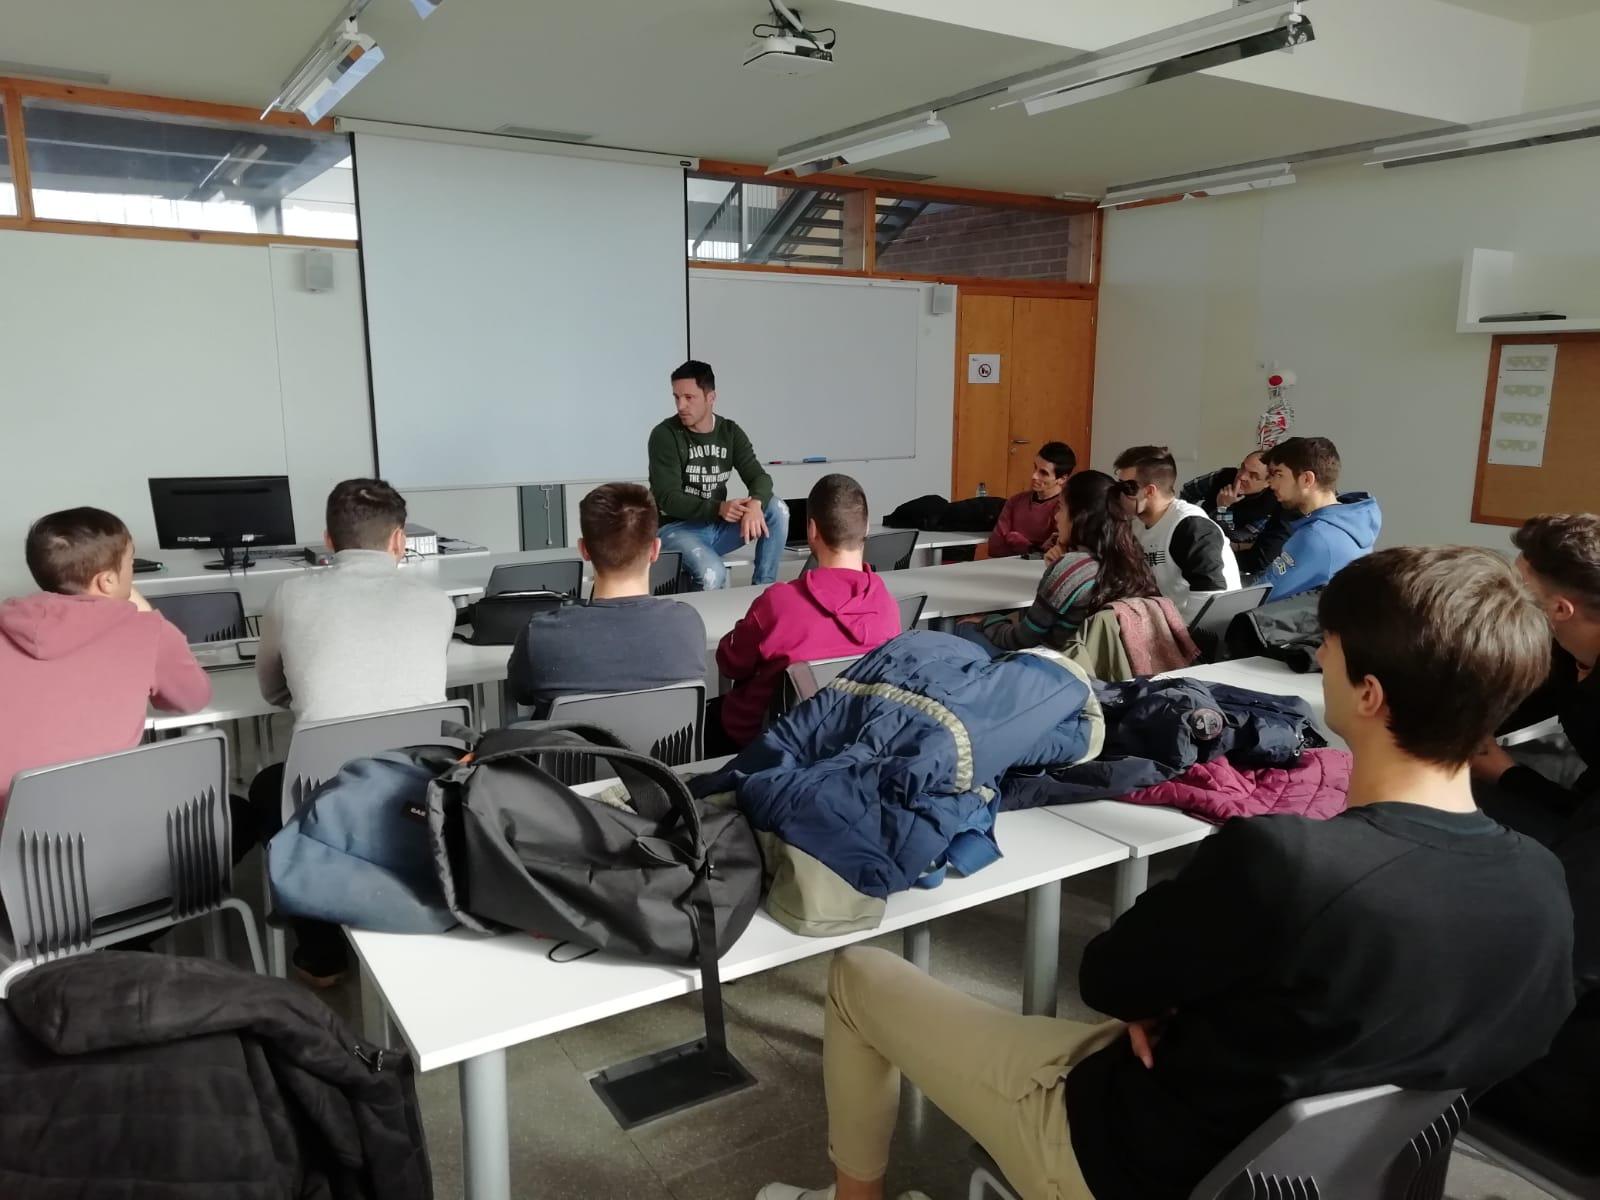 El futbolista Edu Albacar parla de la metodologia d'entrenament als estudiants de 2n curs del Grau en CAFE de Terres de l'Ebre